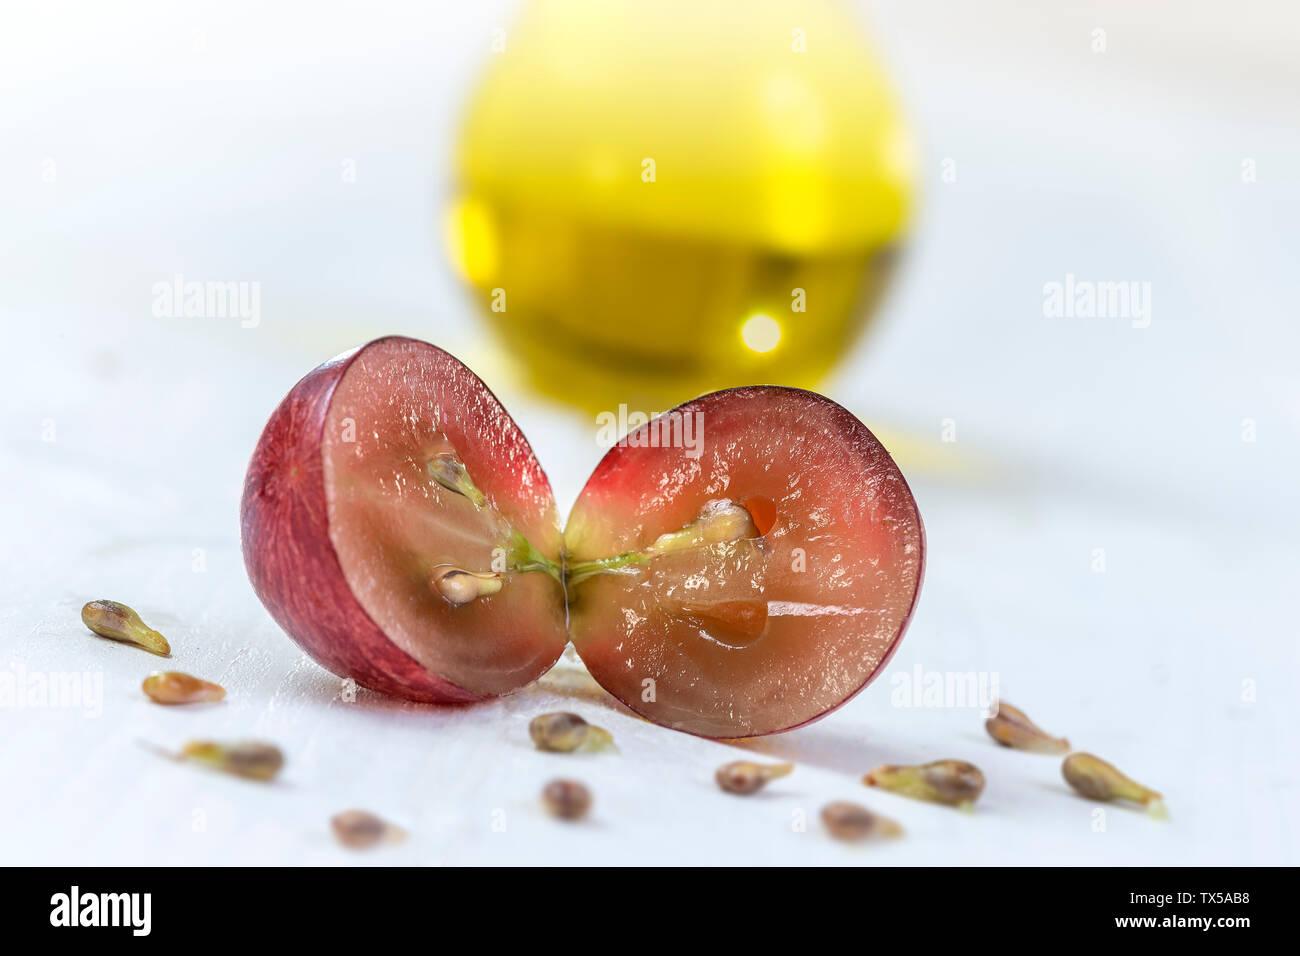 El aceite de semilla de uva : Extracto de semilla tiene propiedades antioxidantes y nutren la piel. Imagen De Stock